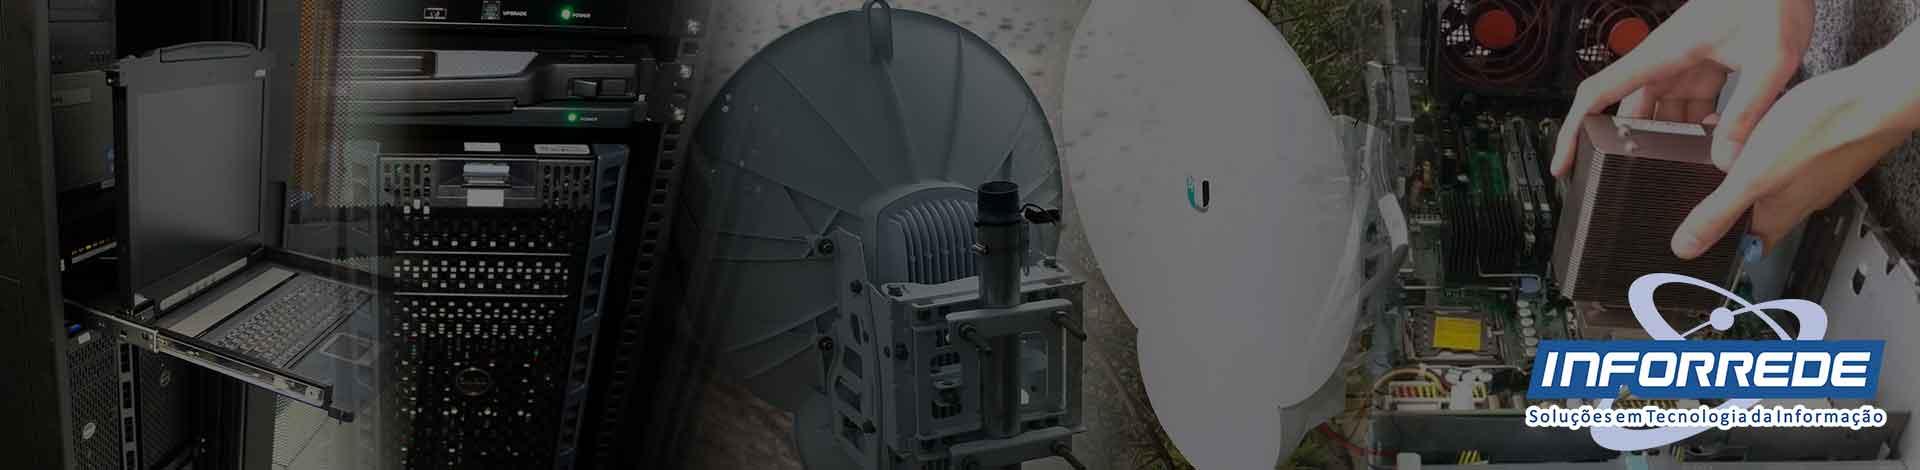 Inforrede Solução em Engenharia e Telecom